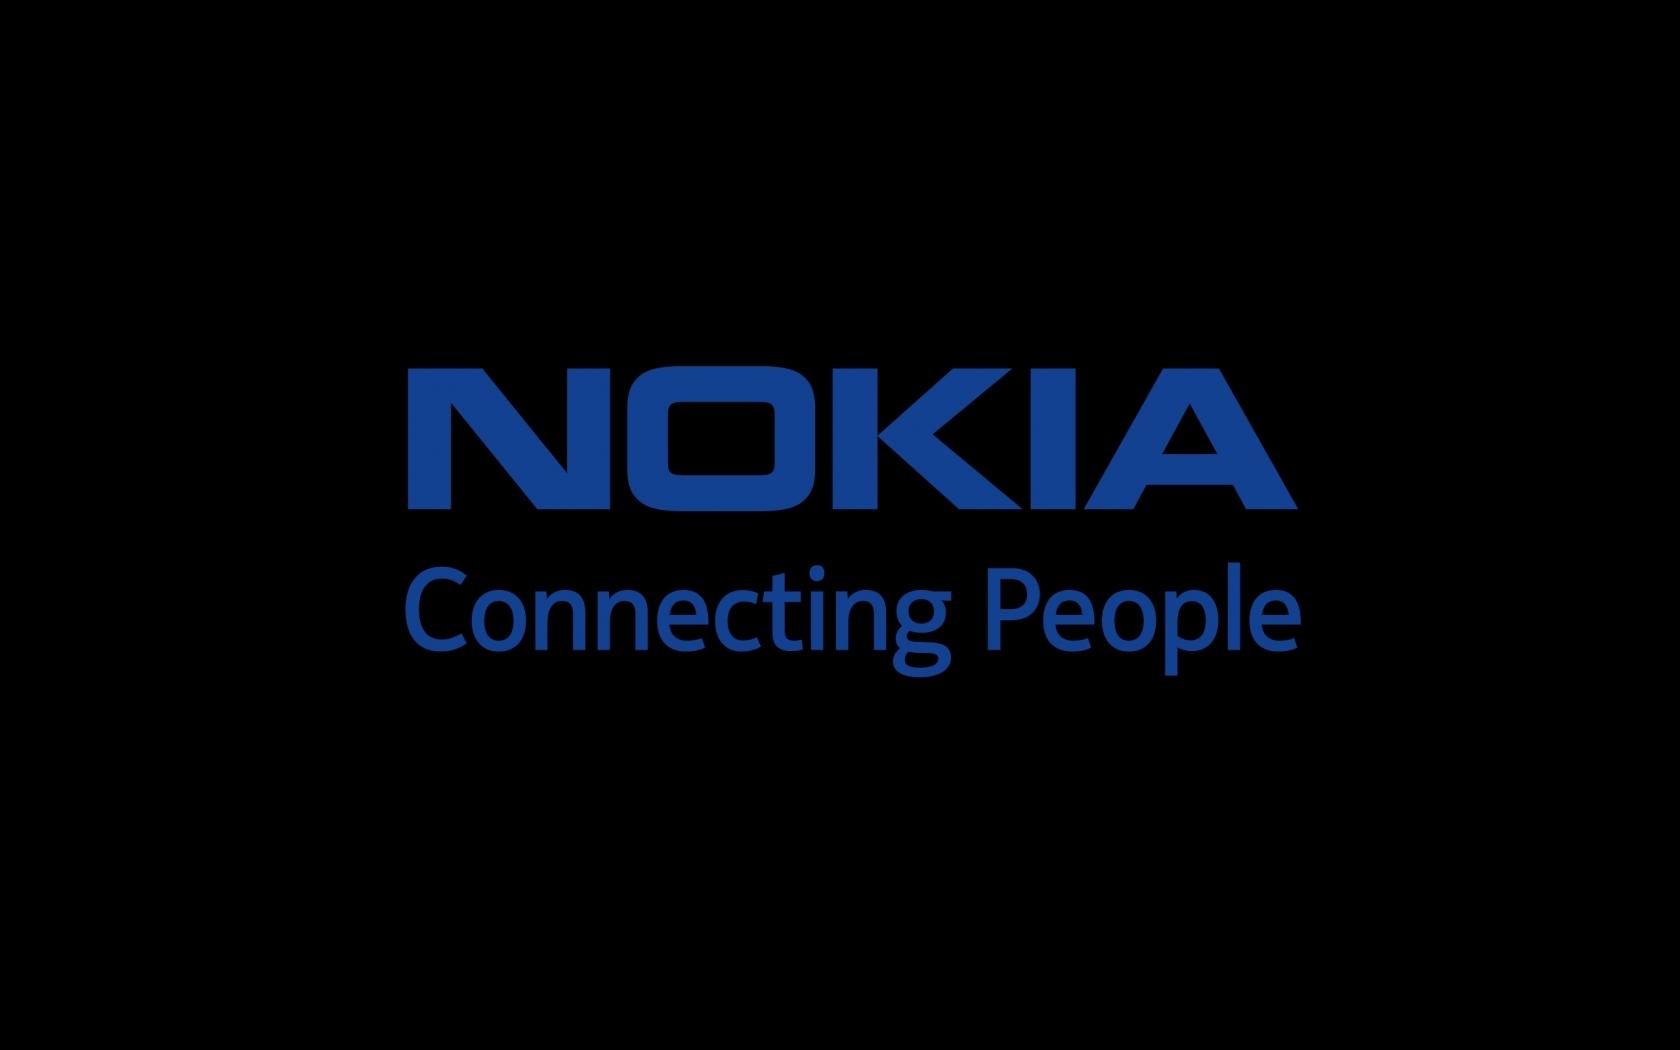 Nokia Desktop Wallpapers nokia hd wallpapers nokia wallpapers 1680x1050